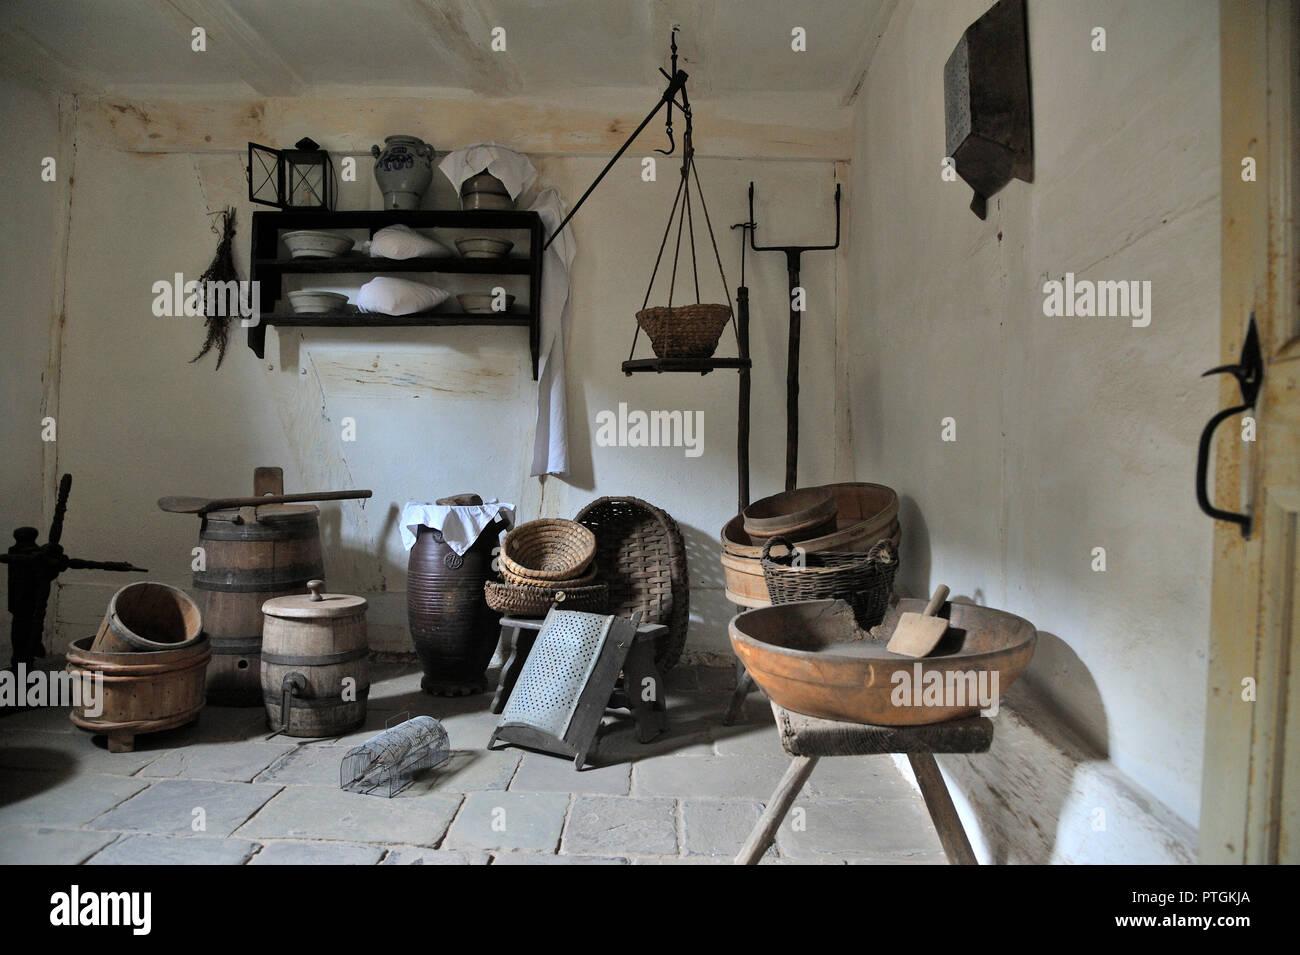 Kommern, Rheinisches Freilichtmuseum Kommern gegründet 1958, Haus aus Bodenbach, Wohnraum. Erbaut in der zweiten Hälfte des 17. Jahrhunderts. Hausgerä Stock Photo